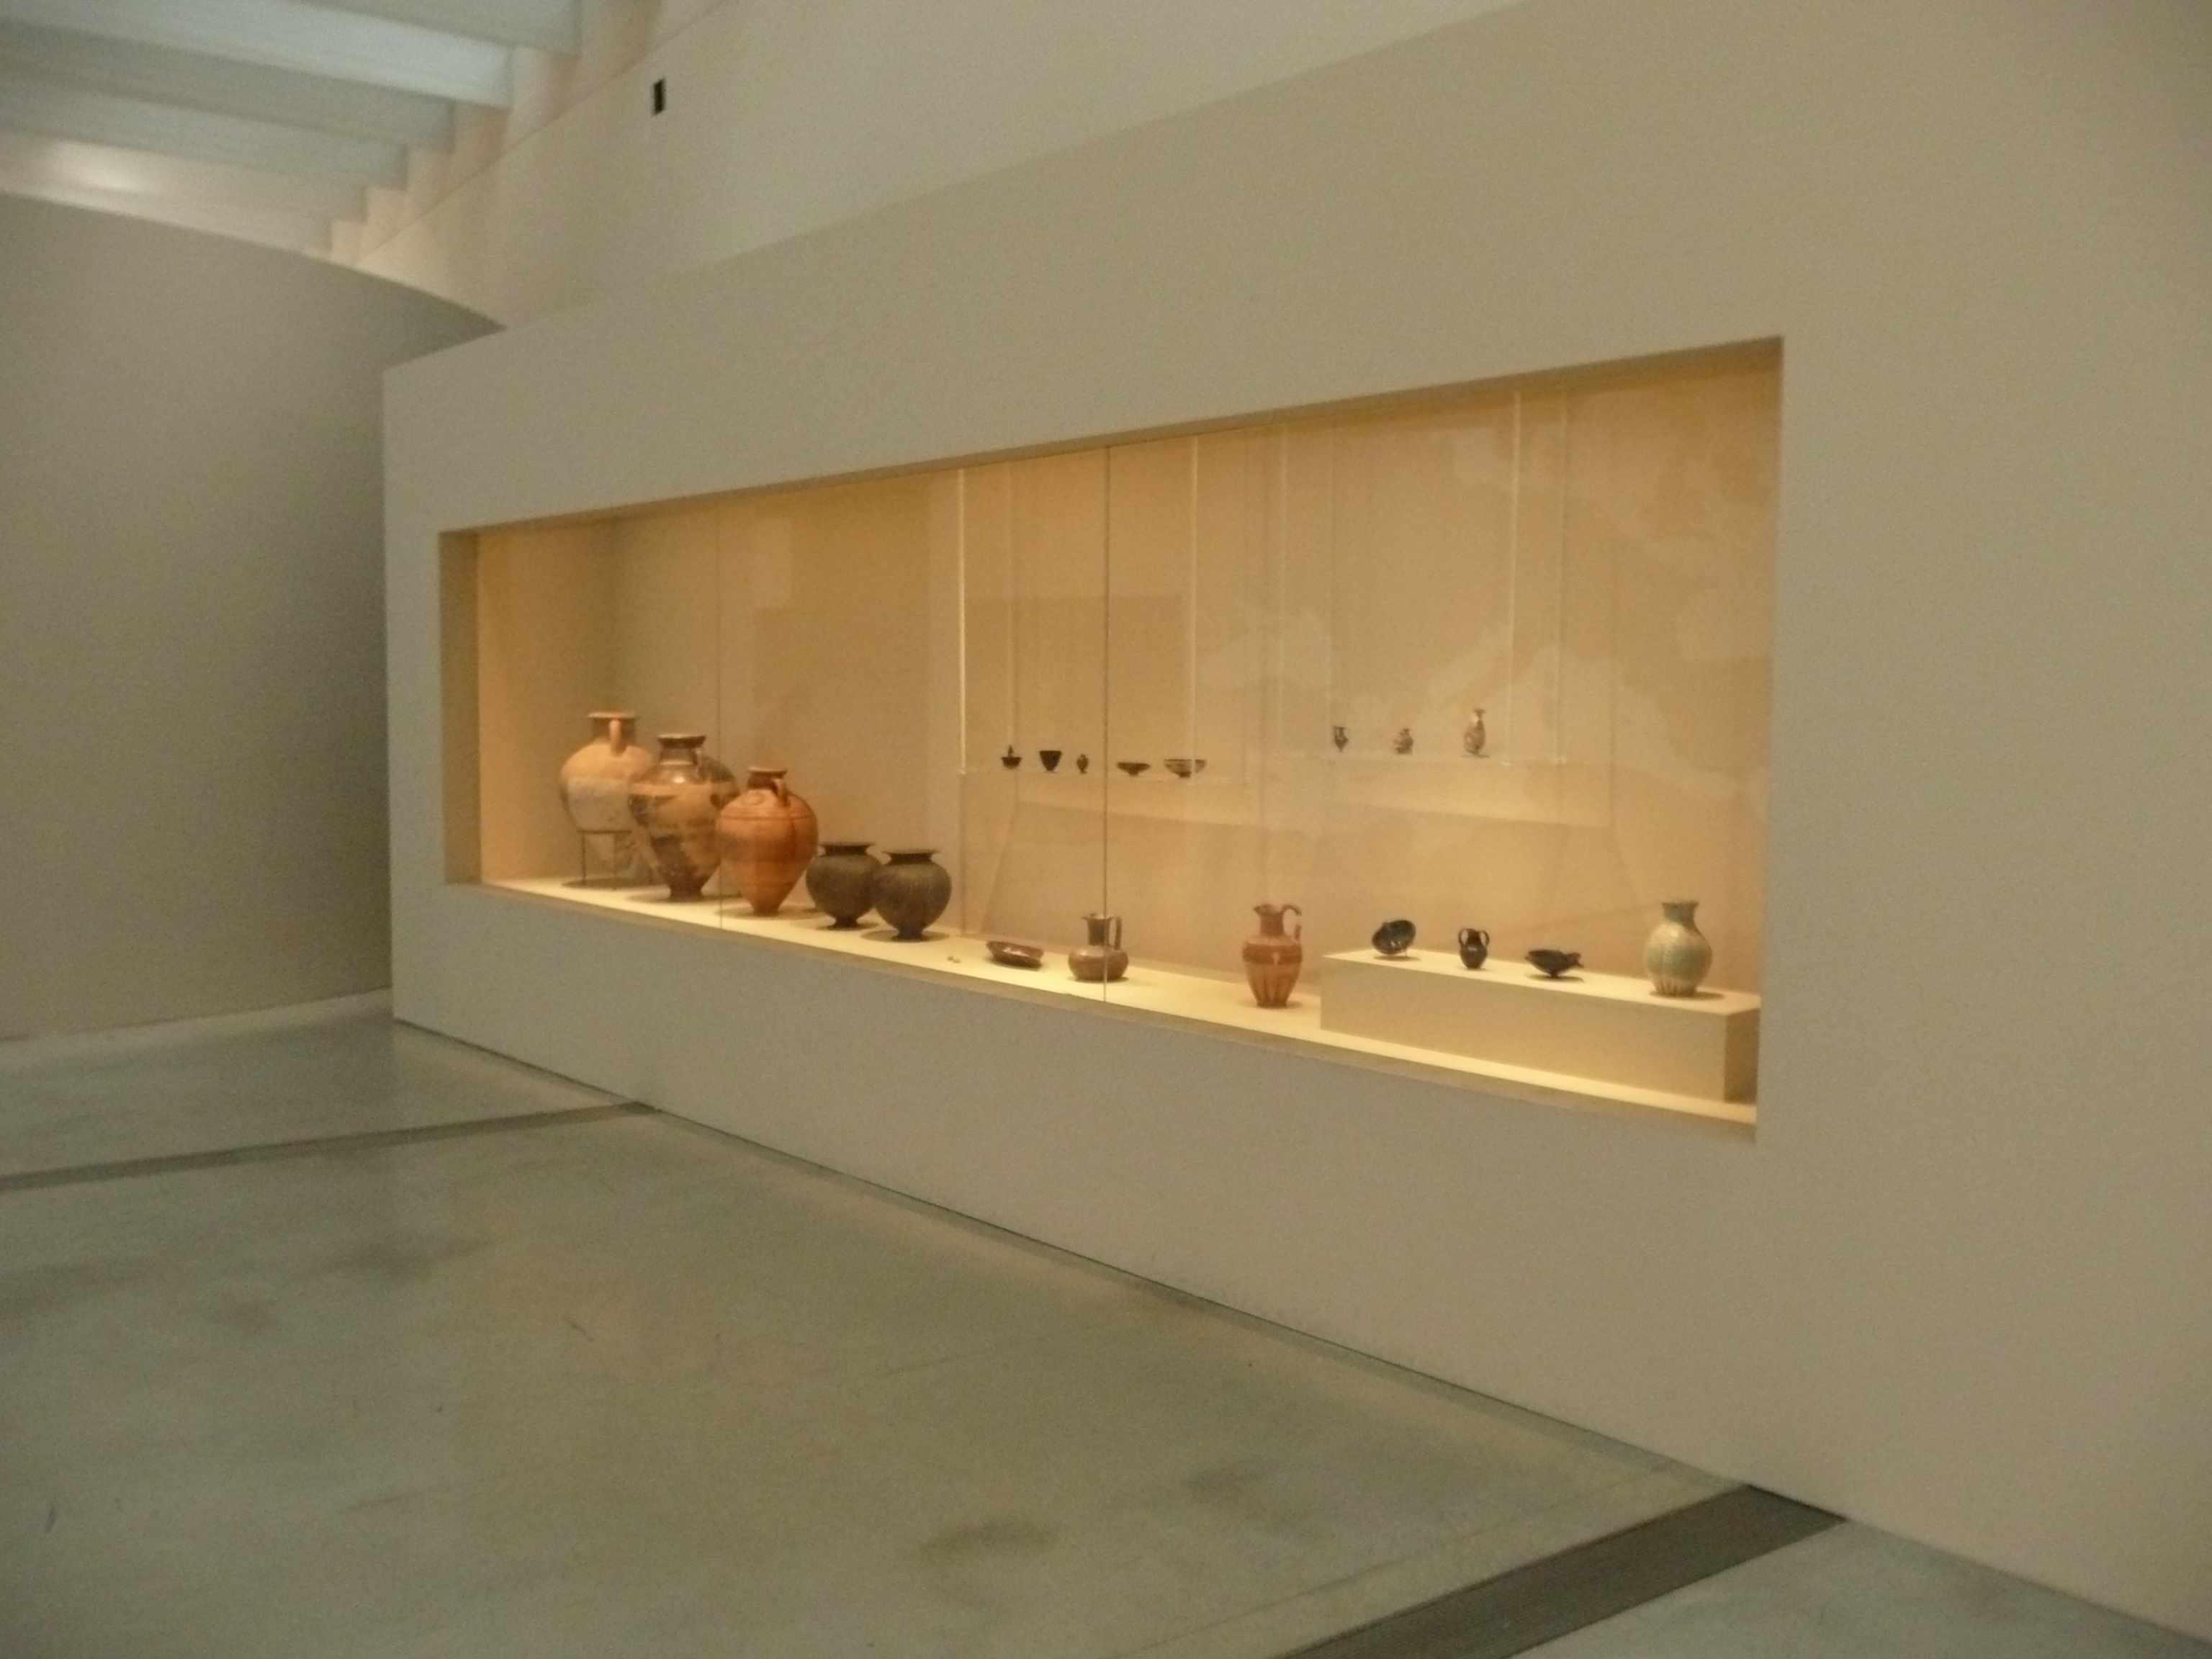 Vitrine amphores Expo-Etrusques-Louvre-Lens-2014